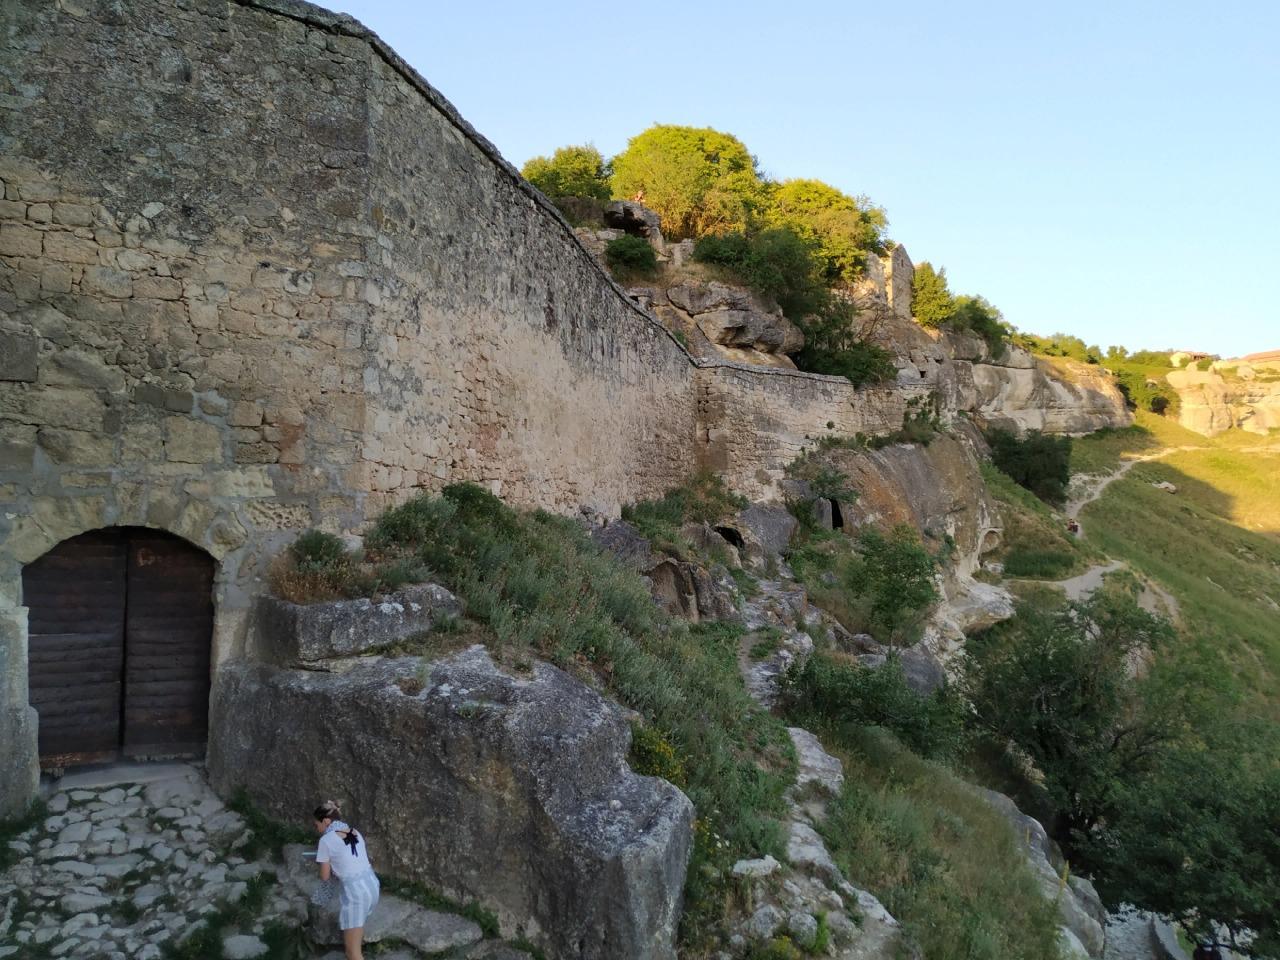 Уголок Востока в центре Европы - индивидуальная экскурсия в Алуште от опытного гида